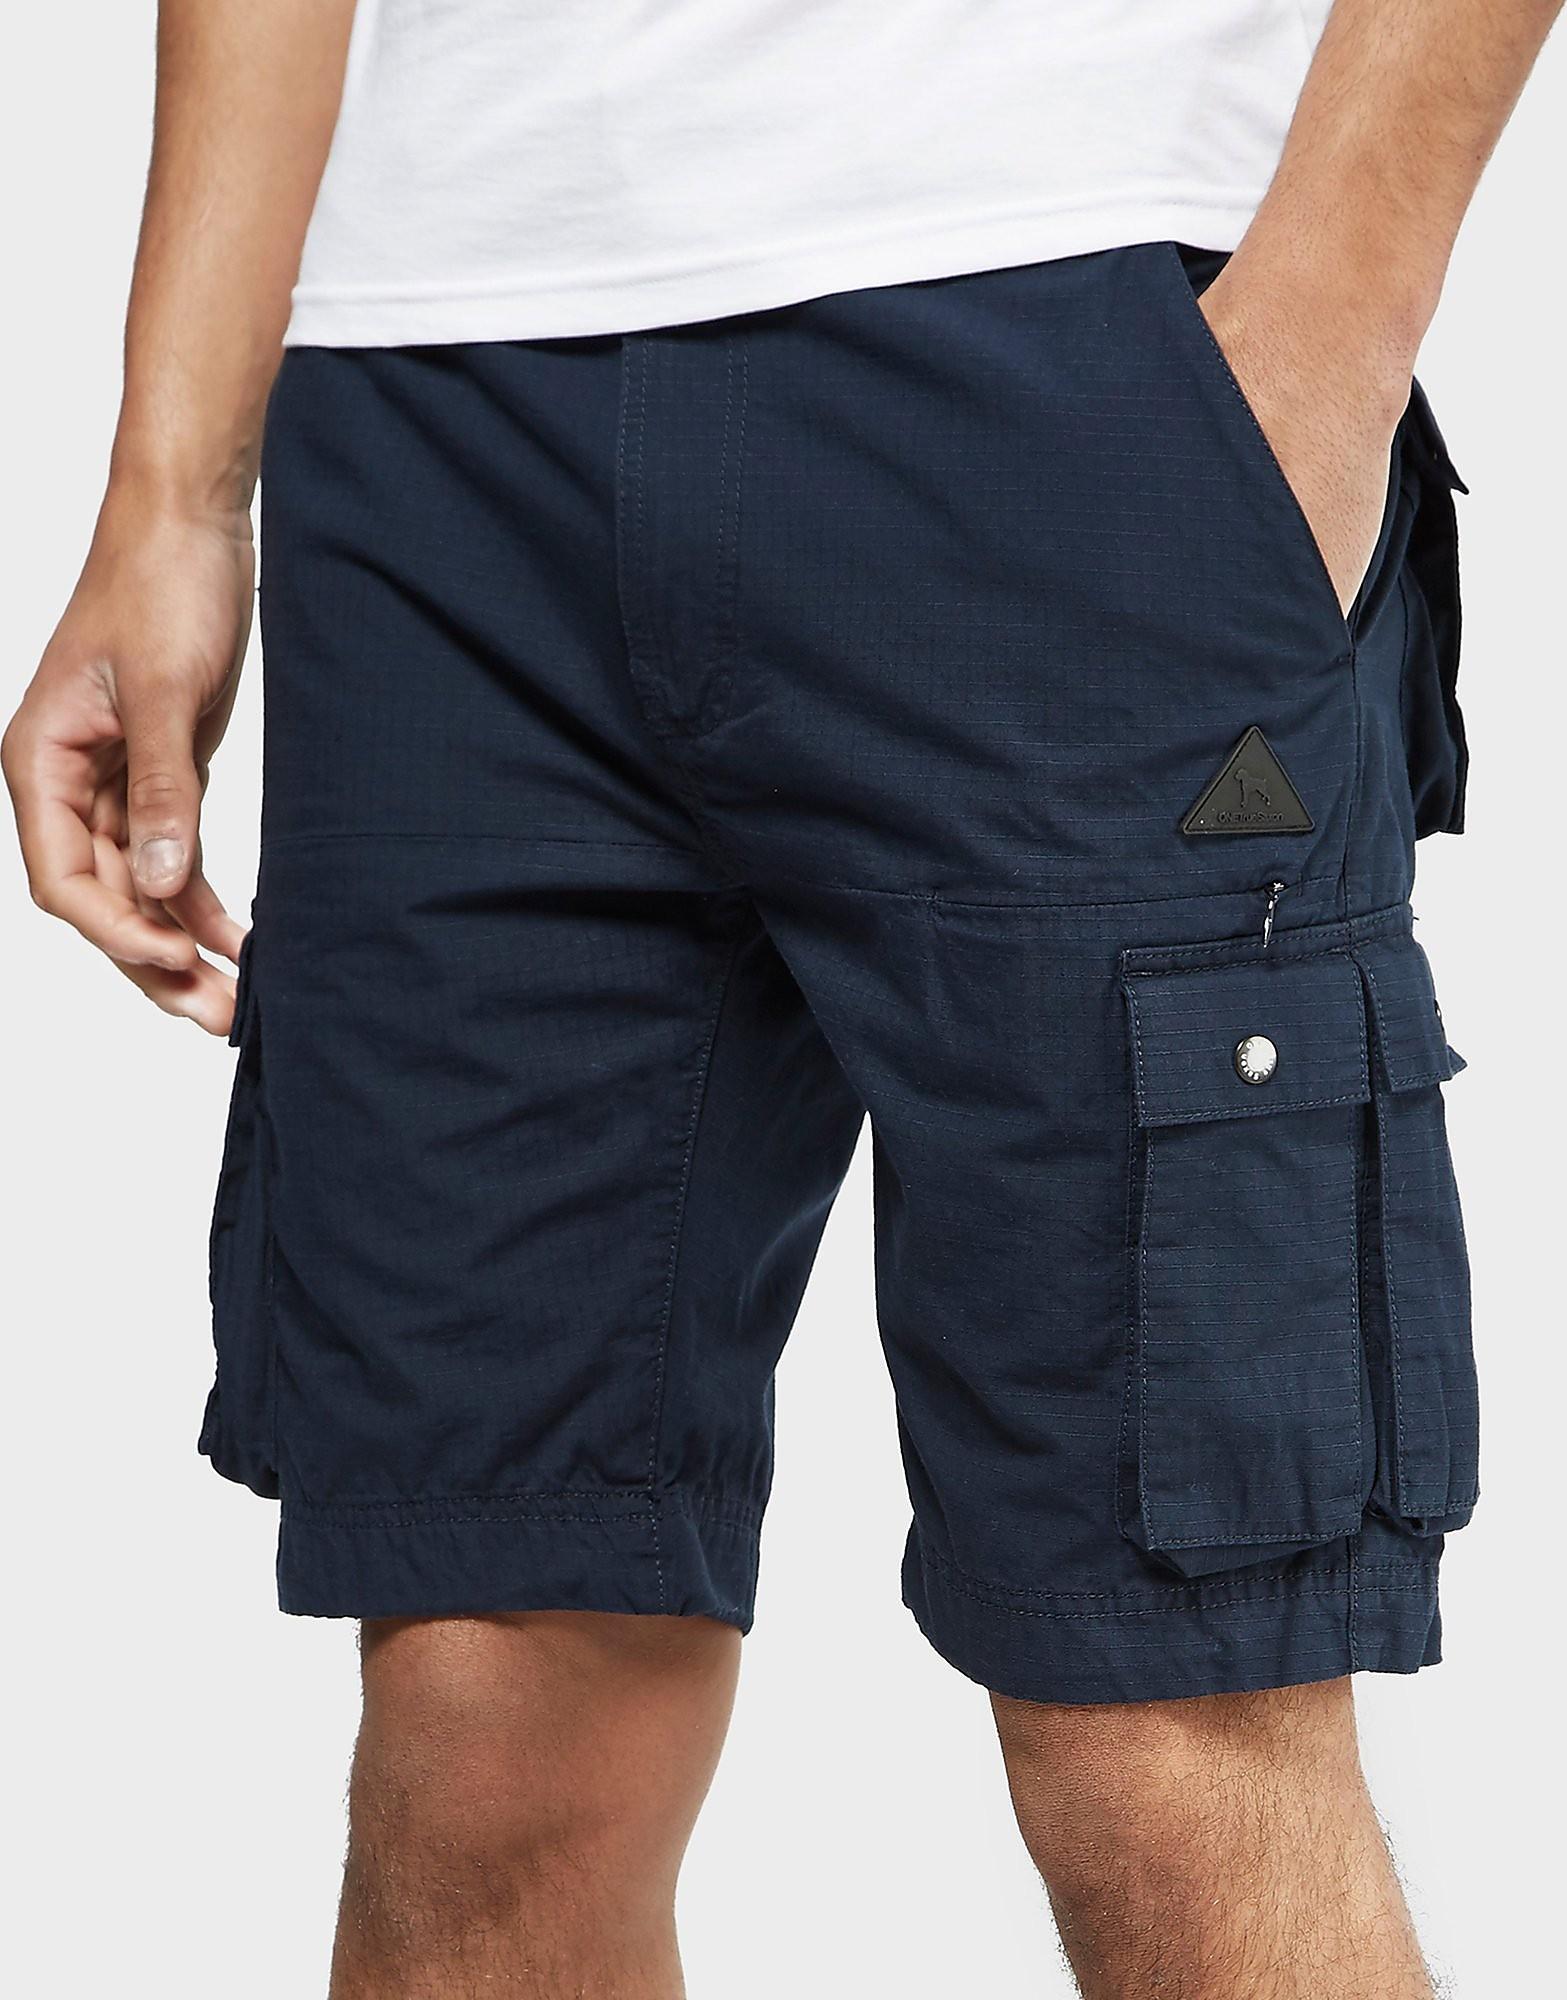 One True Saxon Elberton Cargo Shorts - Exclusive